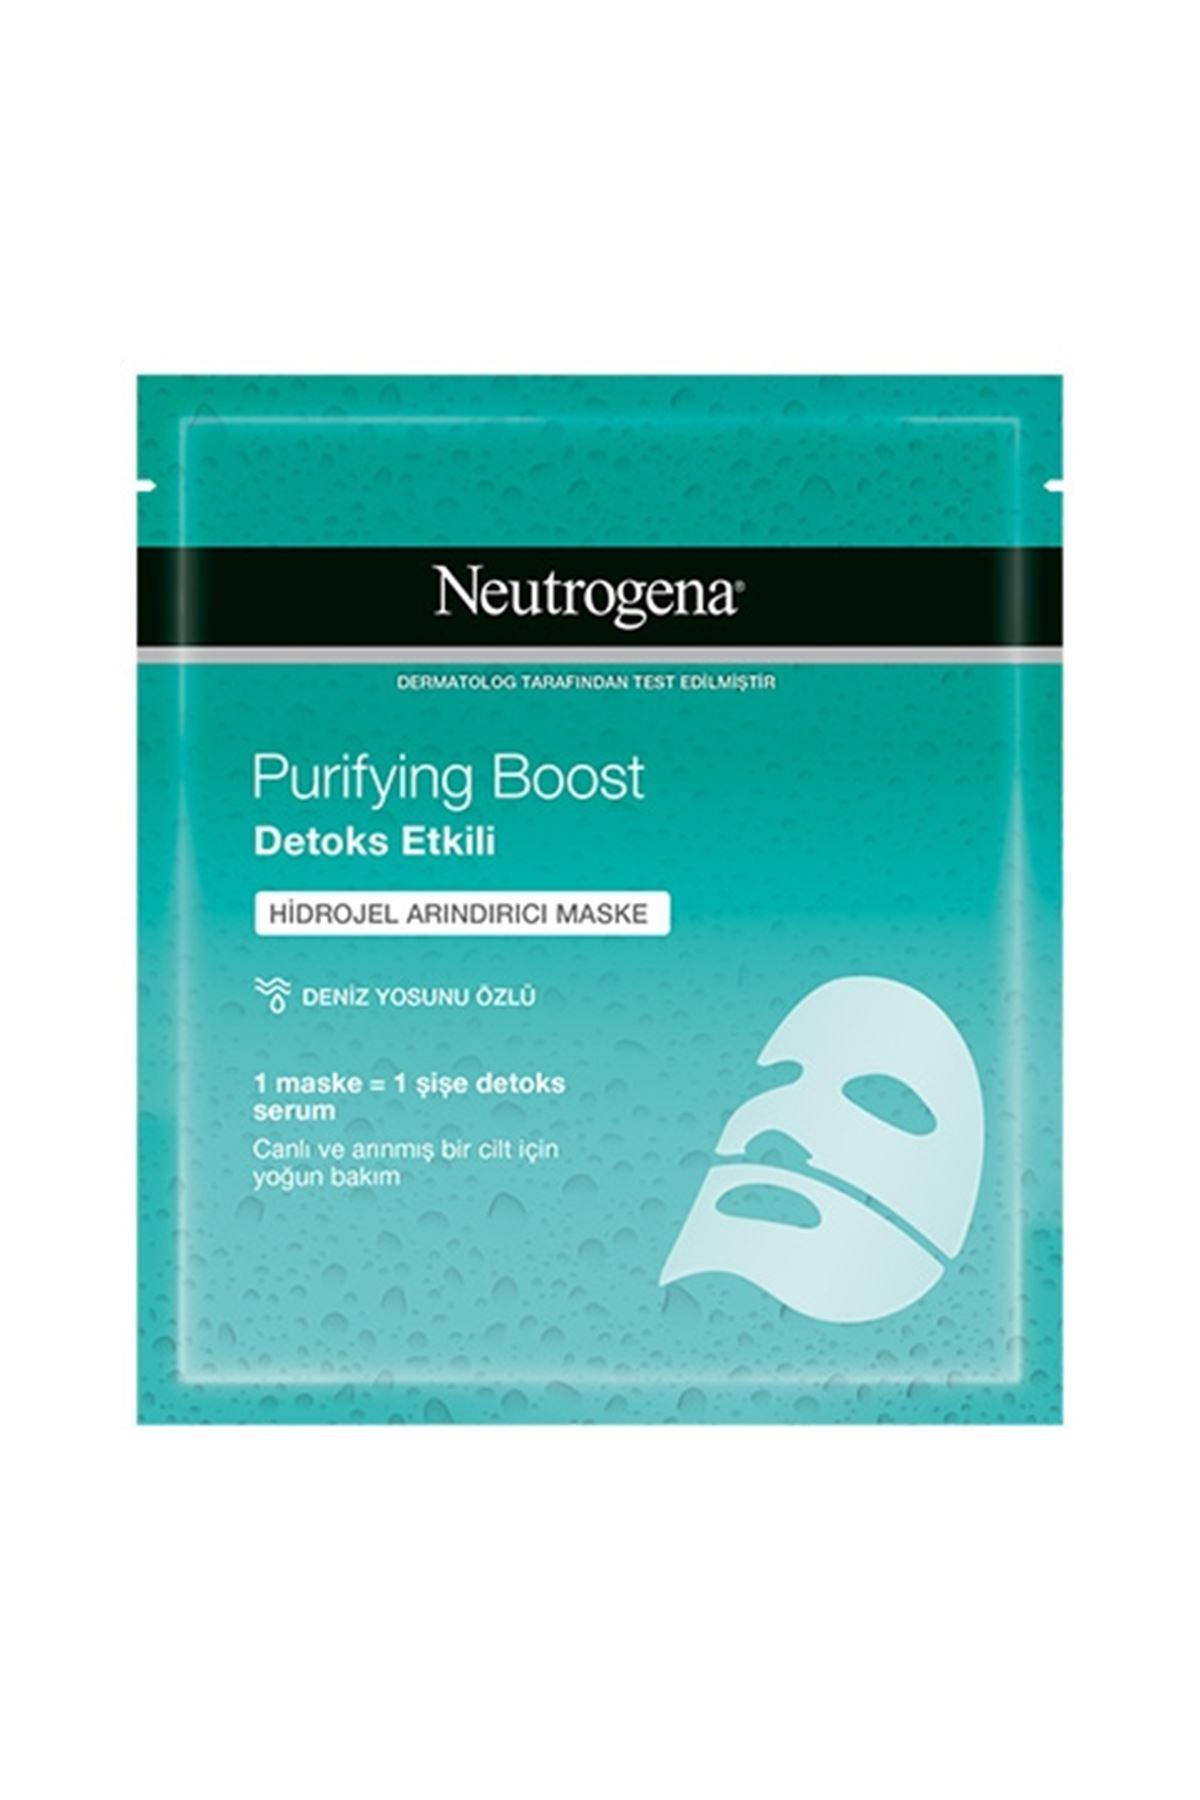 Neutrogena Purifying Boost Detoks Etkili Hidrojel Arındırıcı Maske 30 ML